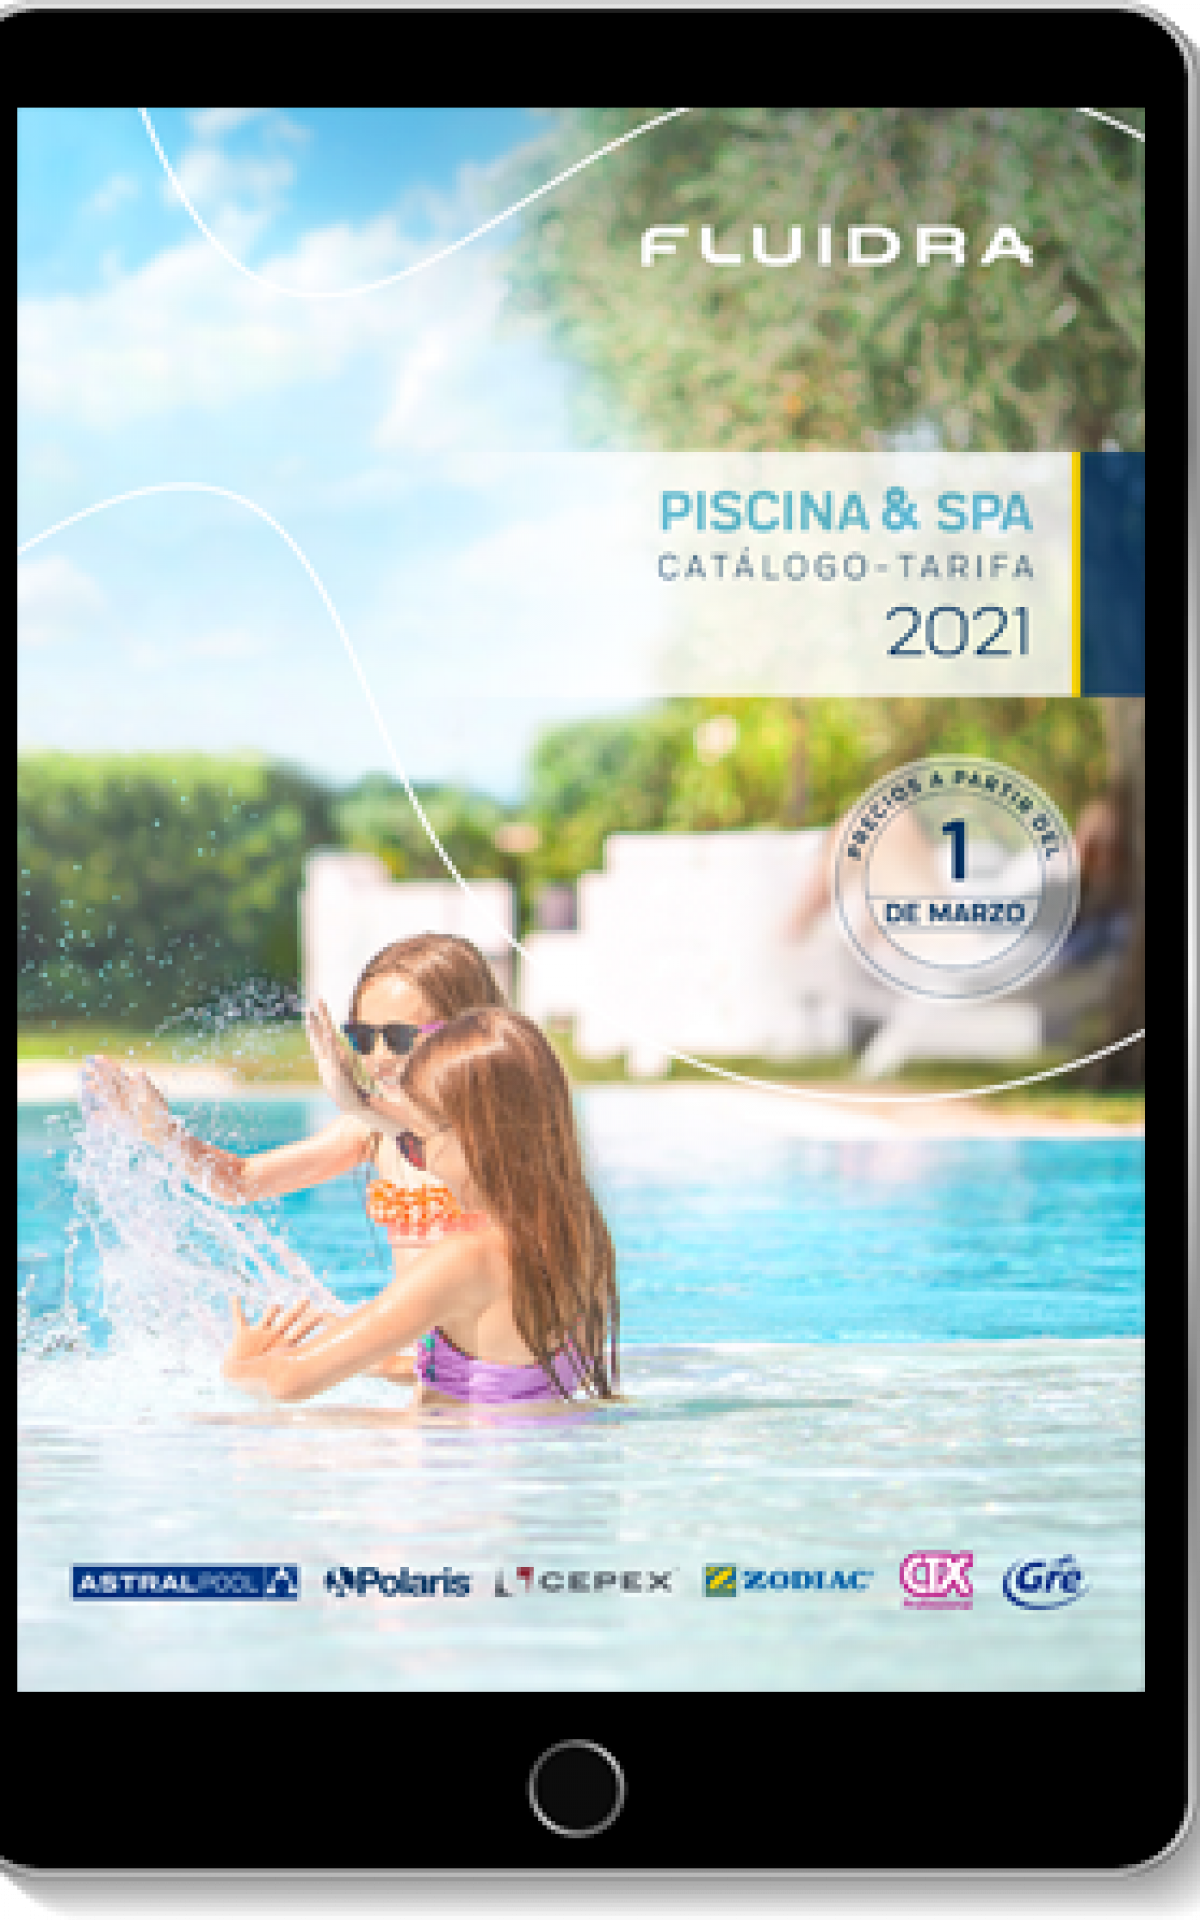 catalogo fluidra 2020